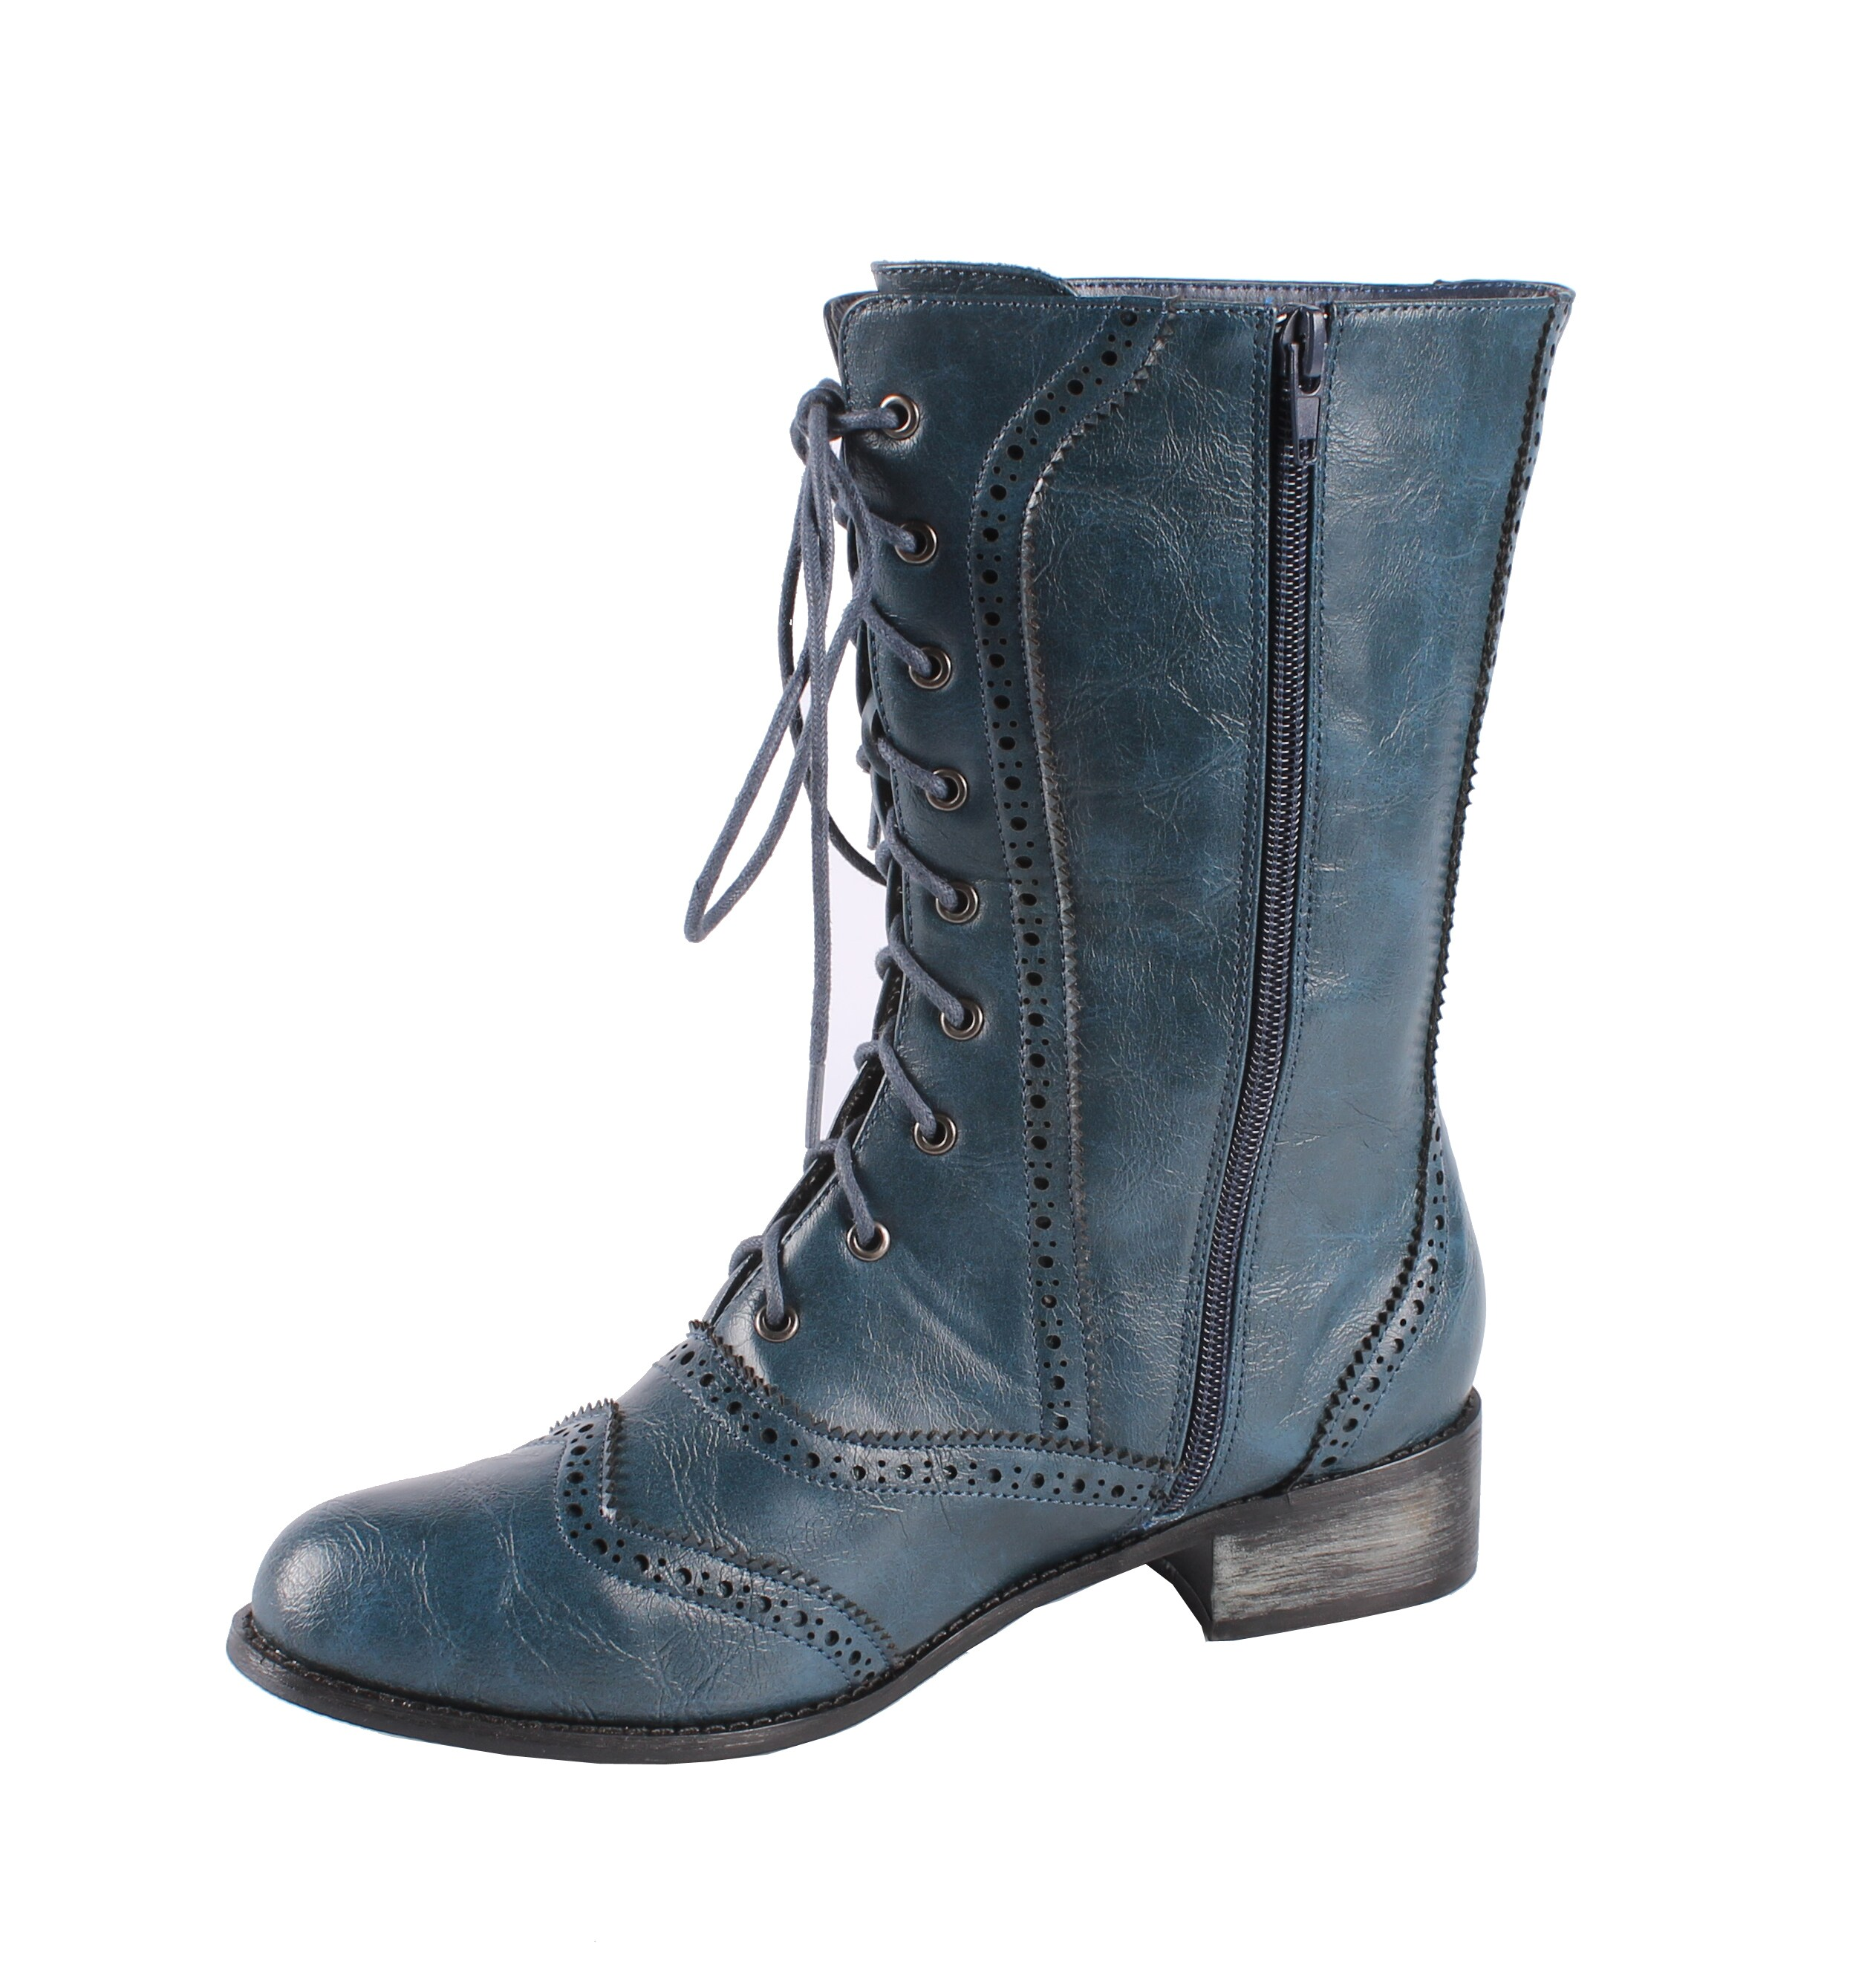 Jacobies by Beston Women's 'Break-3' Mid-calf Combat Boots